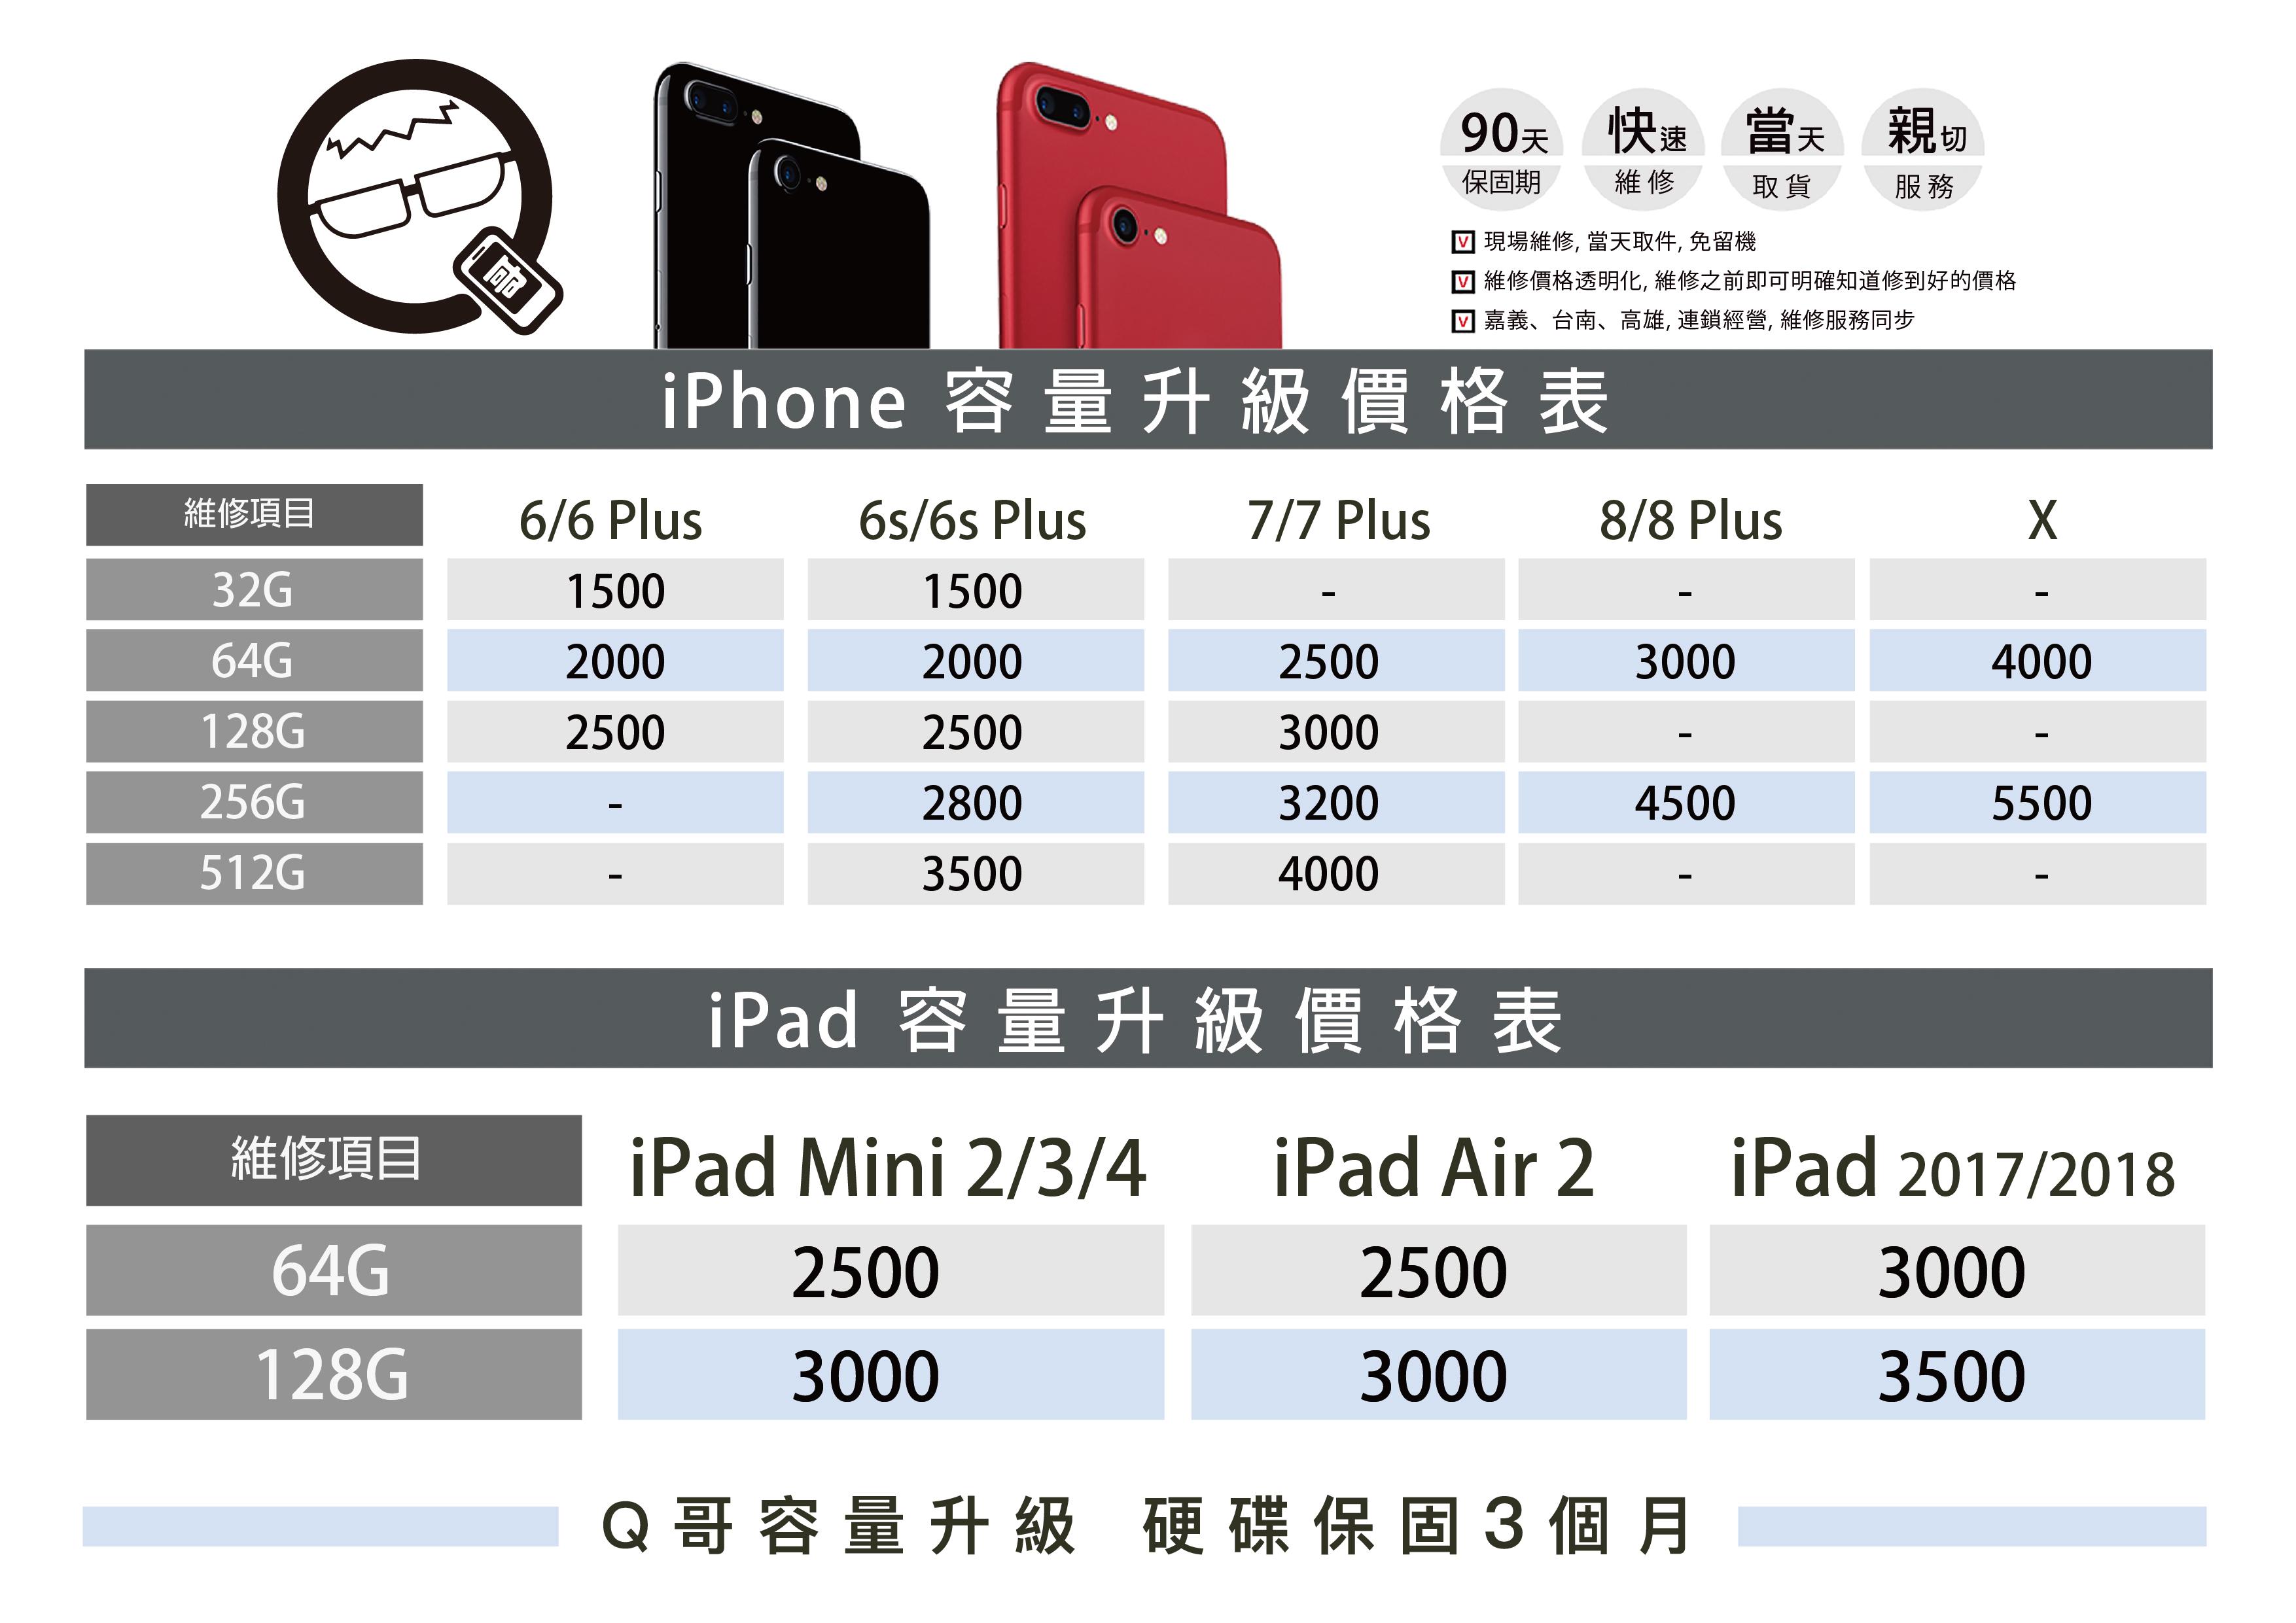 iPhone 容量升級